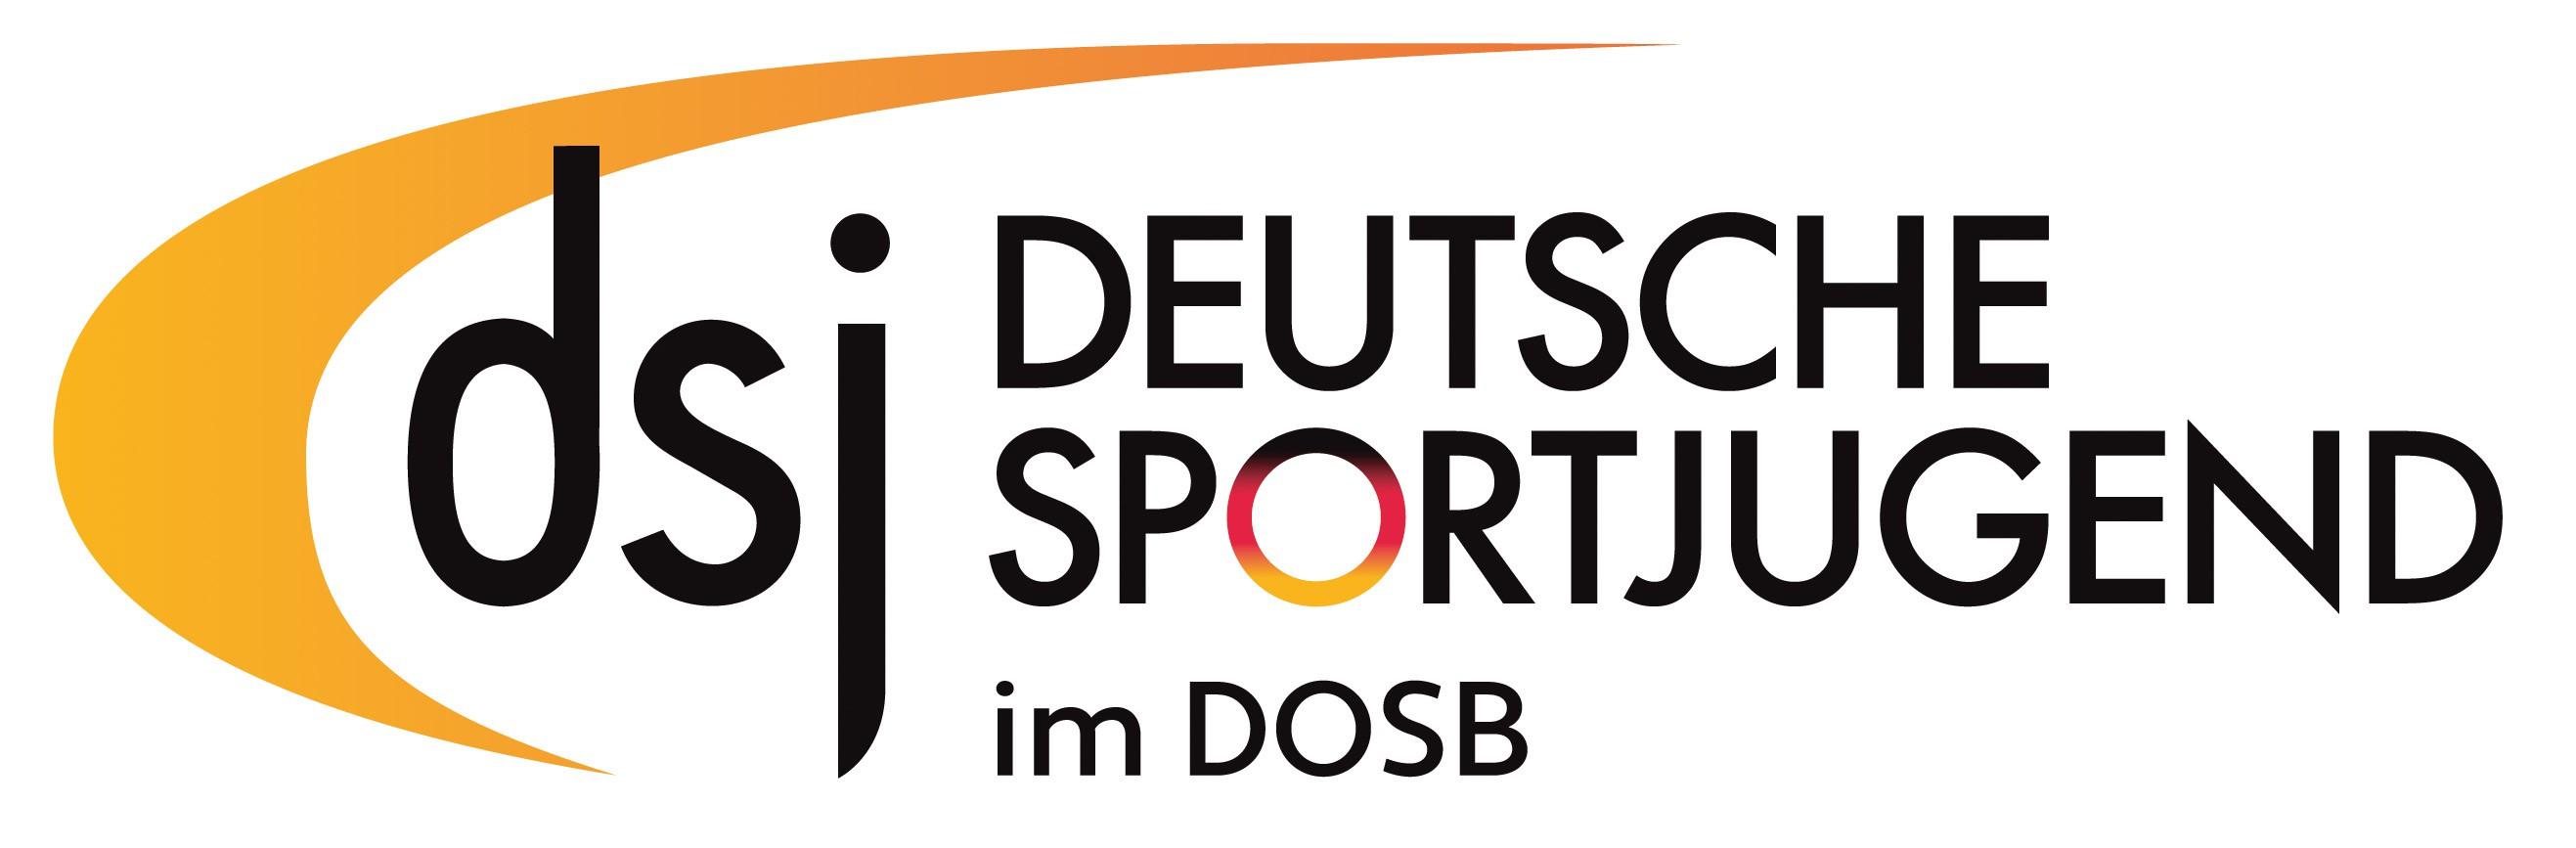 Deutsche Sportjugend